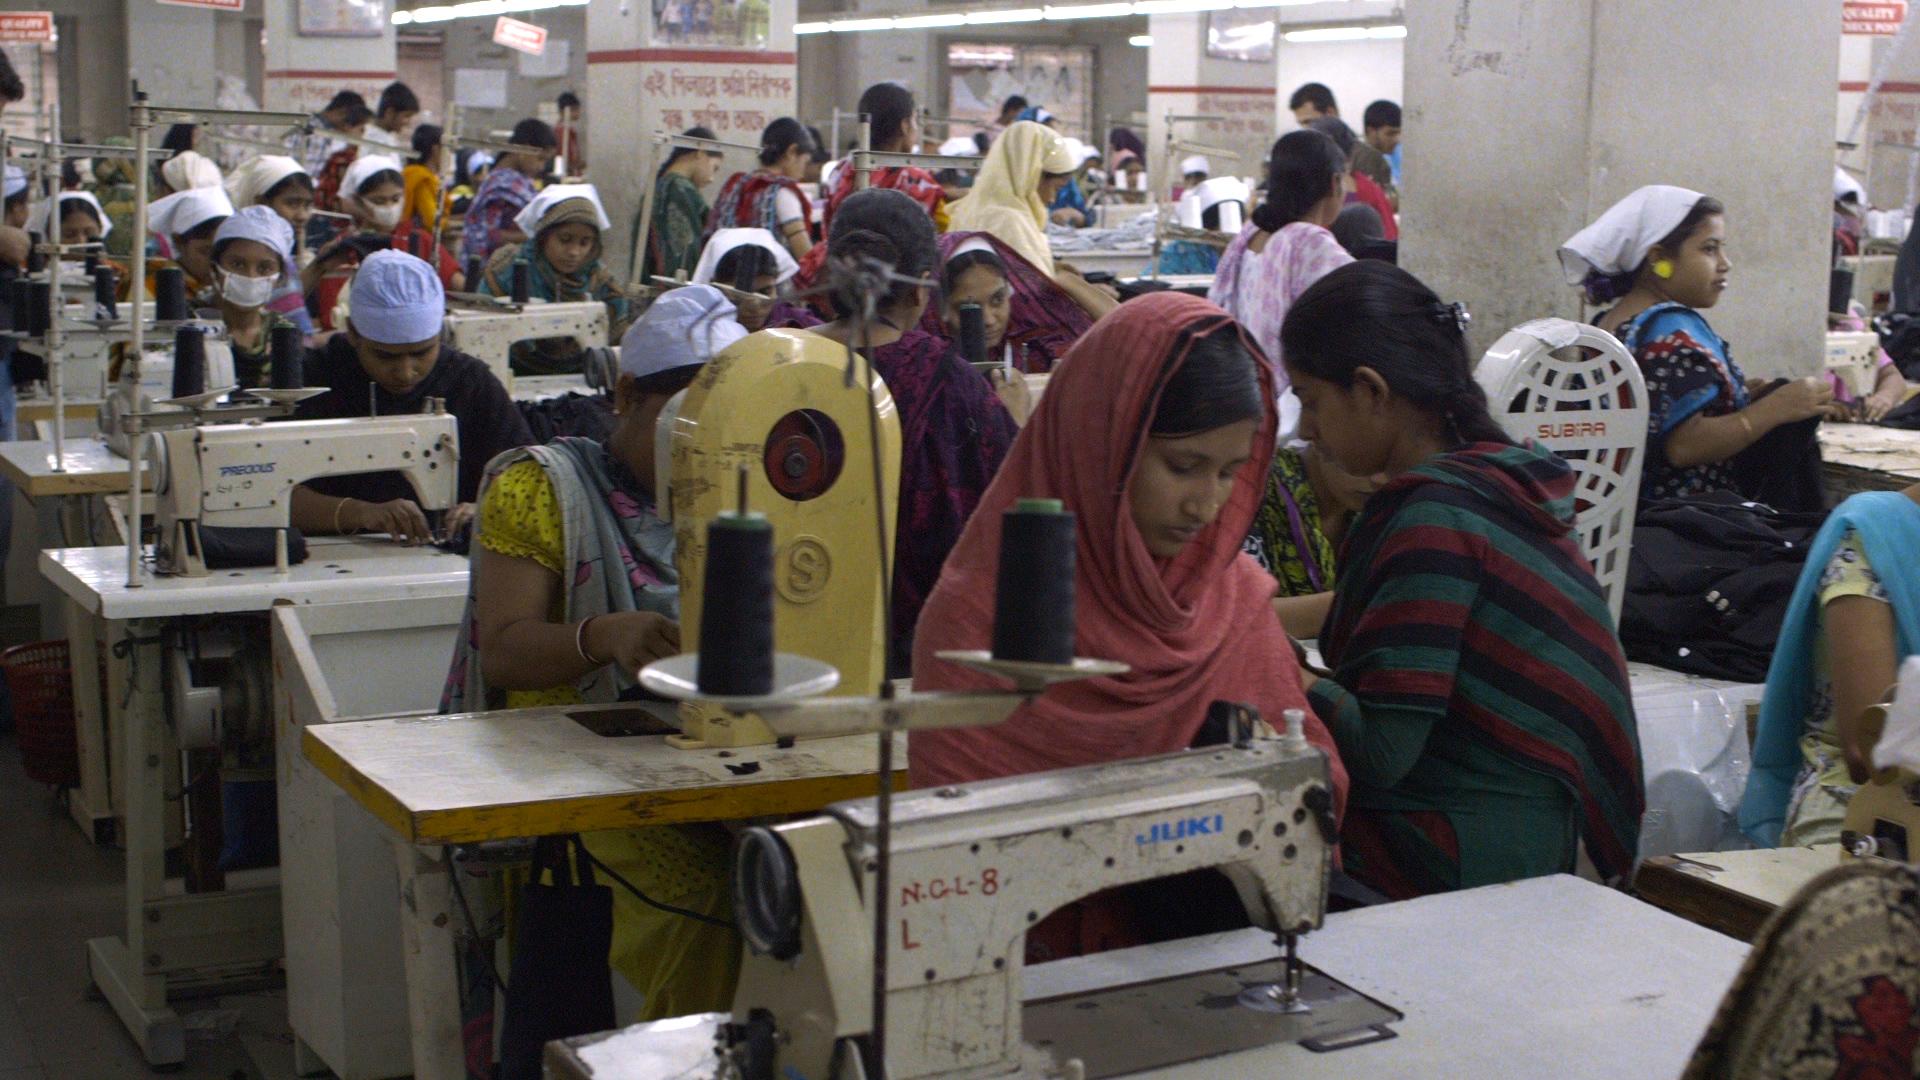 Documentaire The True Cost laat zien hoe de kledingindustrie van begin tot eind verstoord is, met schokkende beelden uit Bangladesh, India en Cambodja